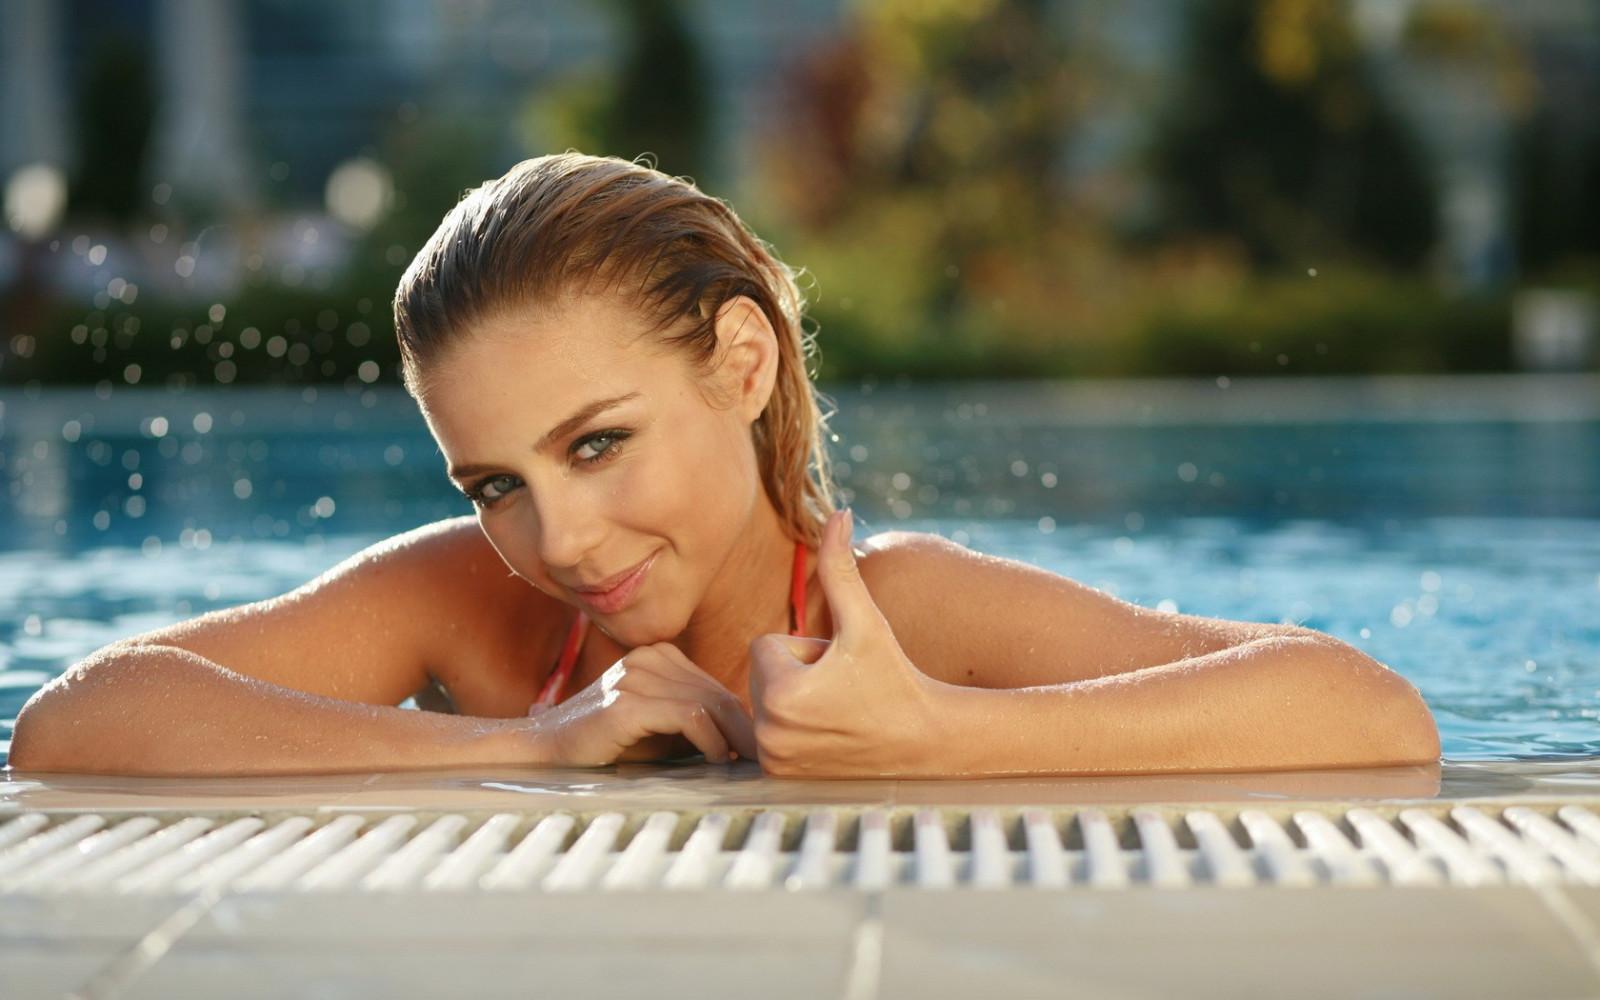 Красивые дамы в бассейне #2